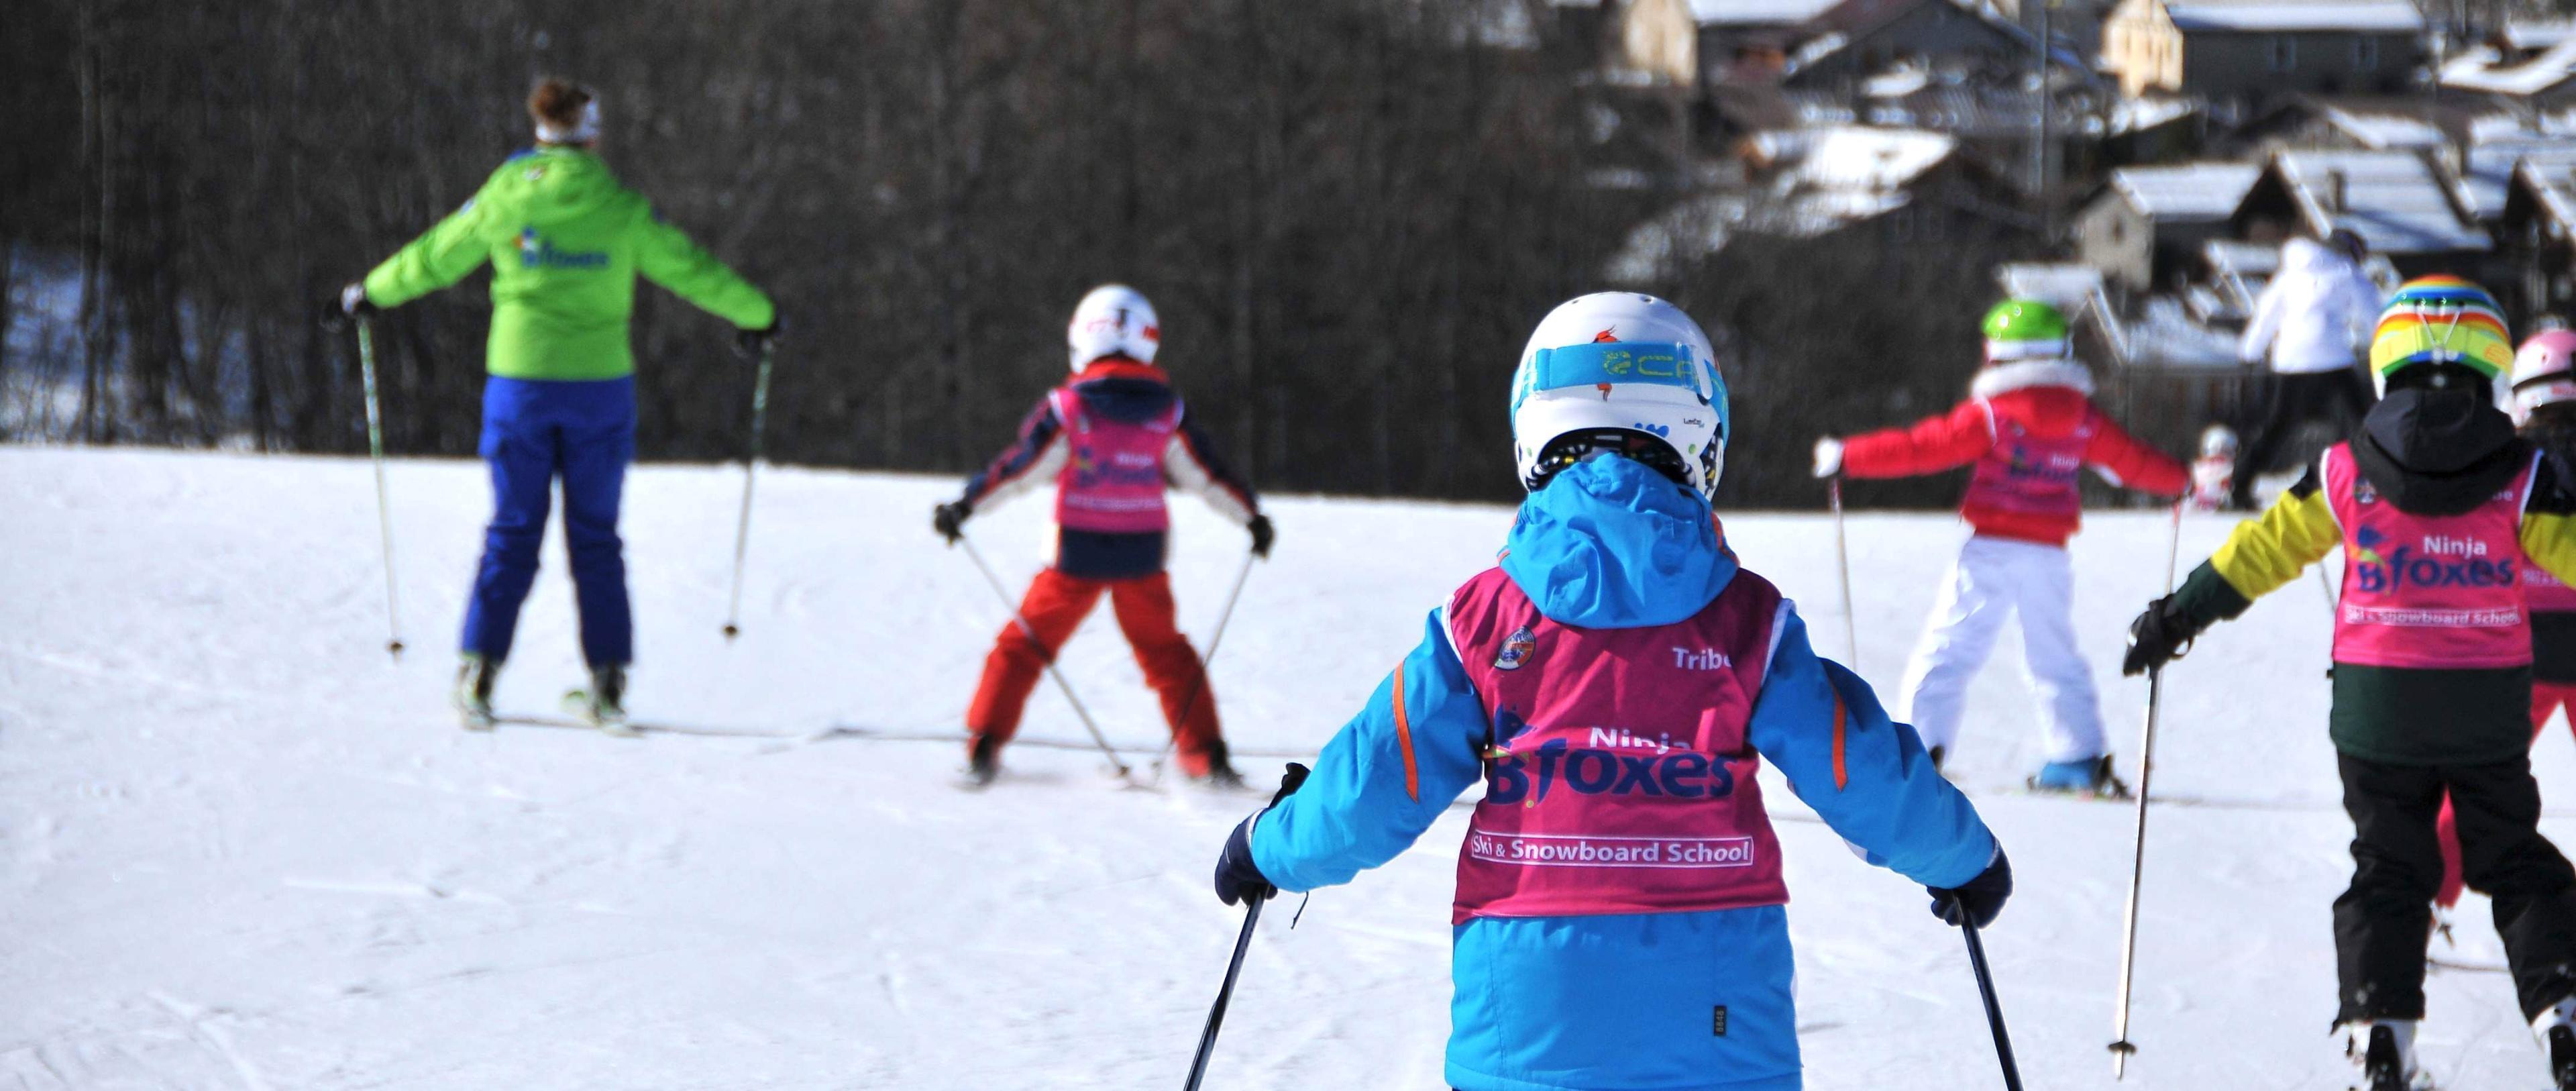 Cours de ski Enfants (7-12 ans) pour Expérimentés - Noël